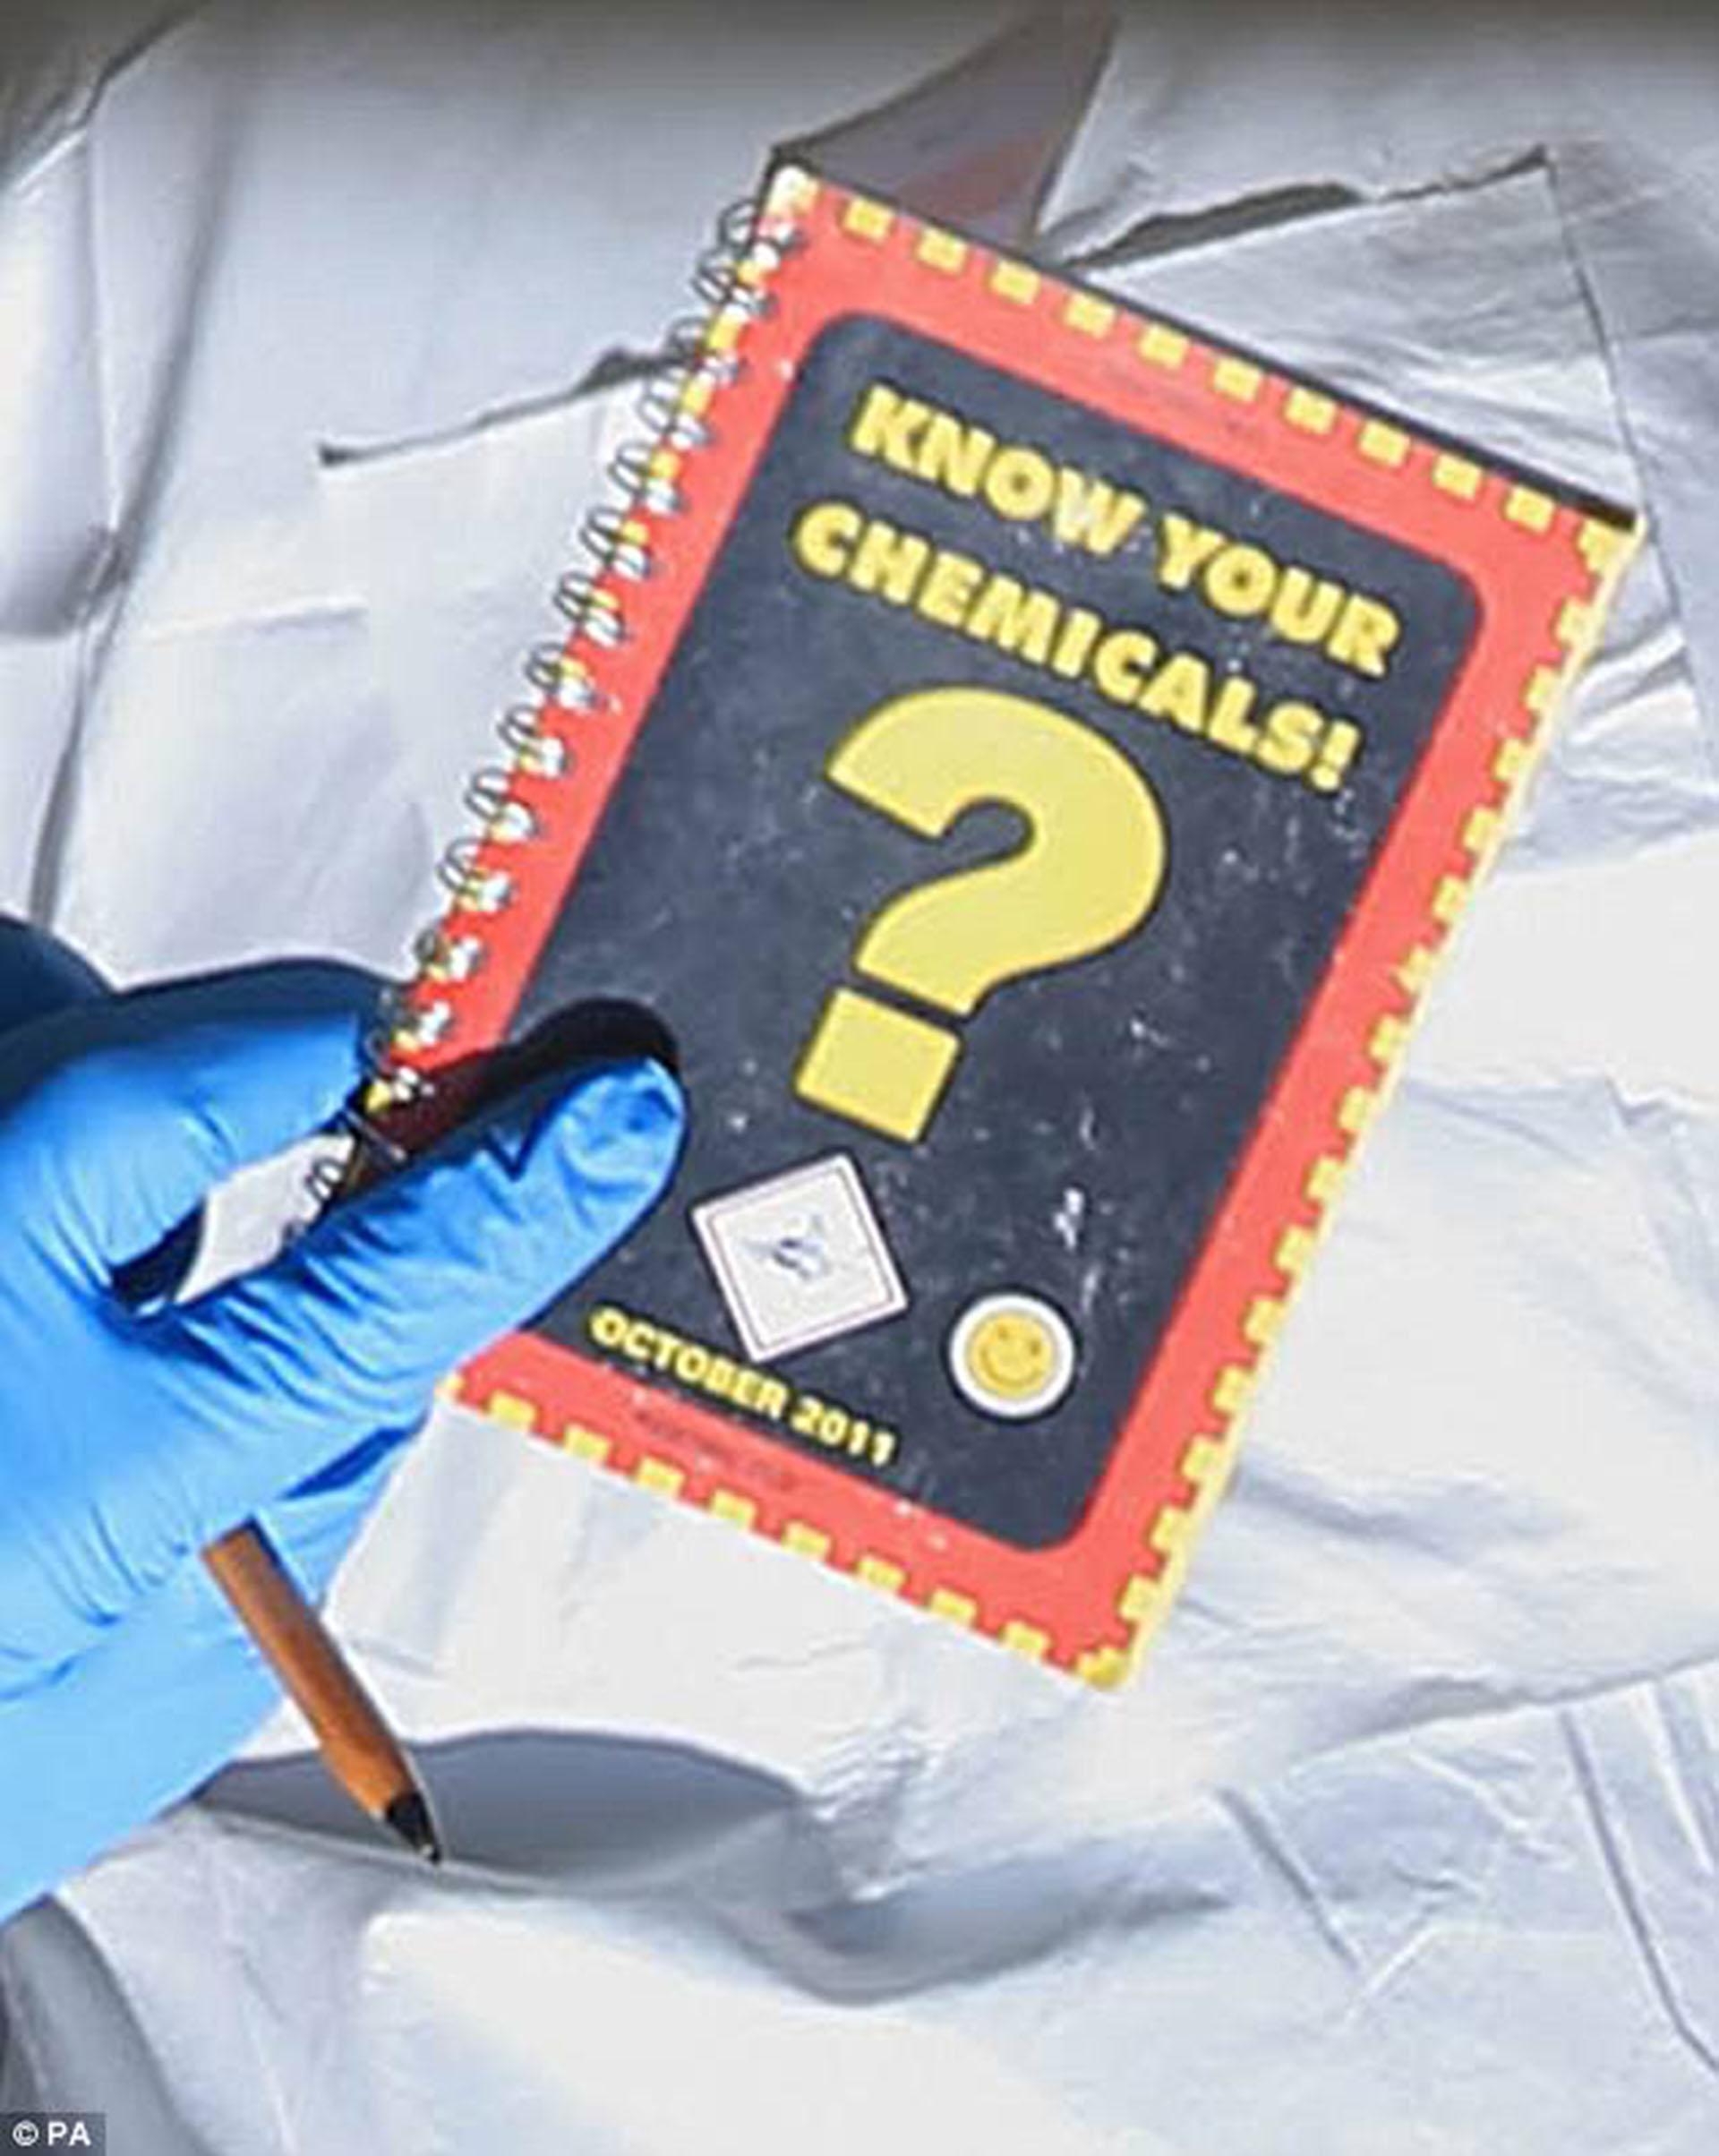 Las autoridades encontrar un pequeño folleto de cómo preparar explosivos